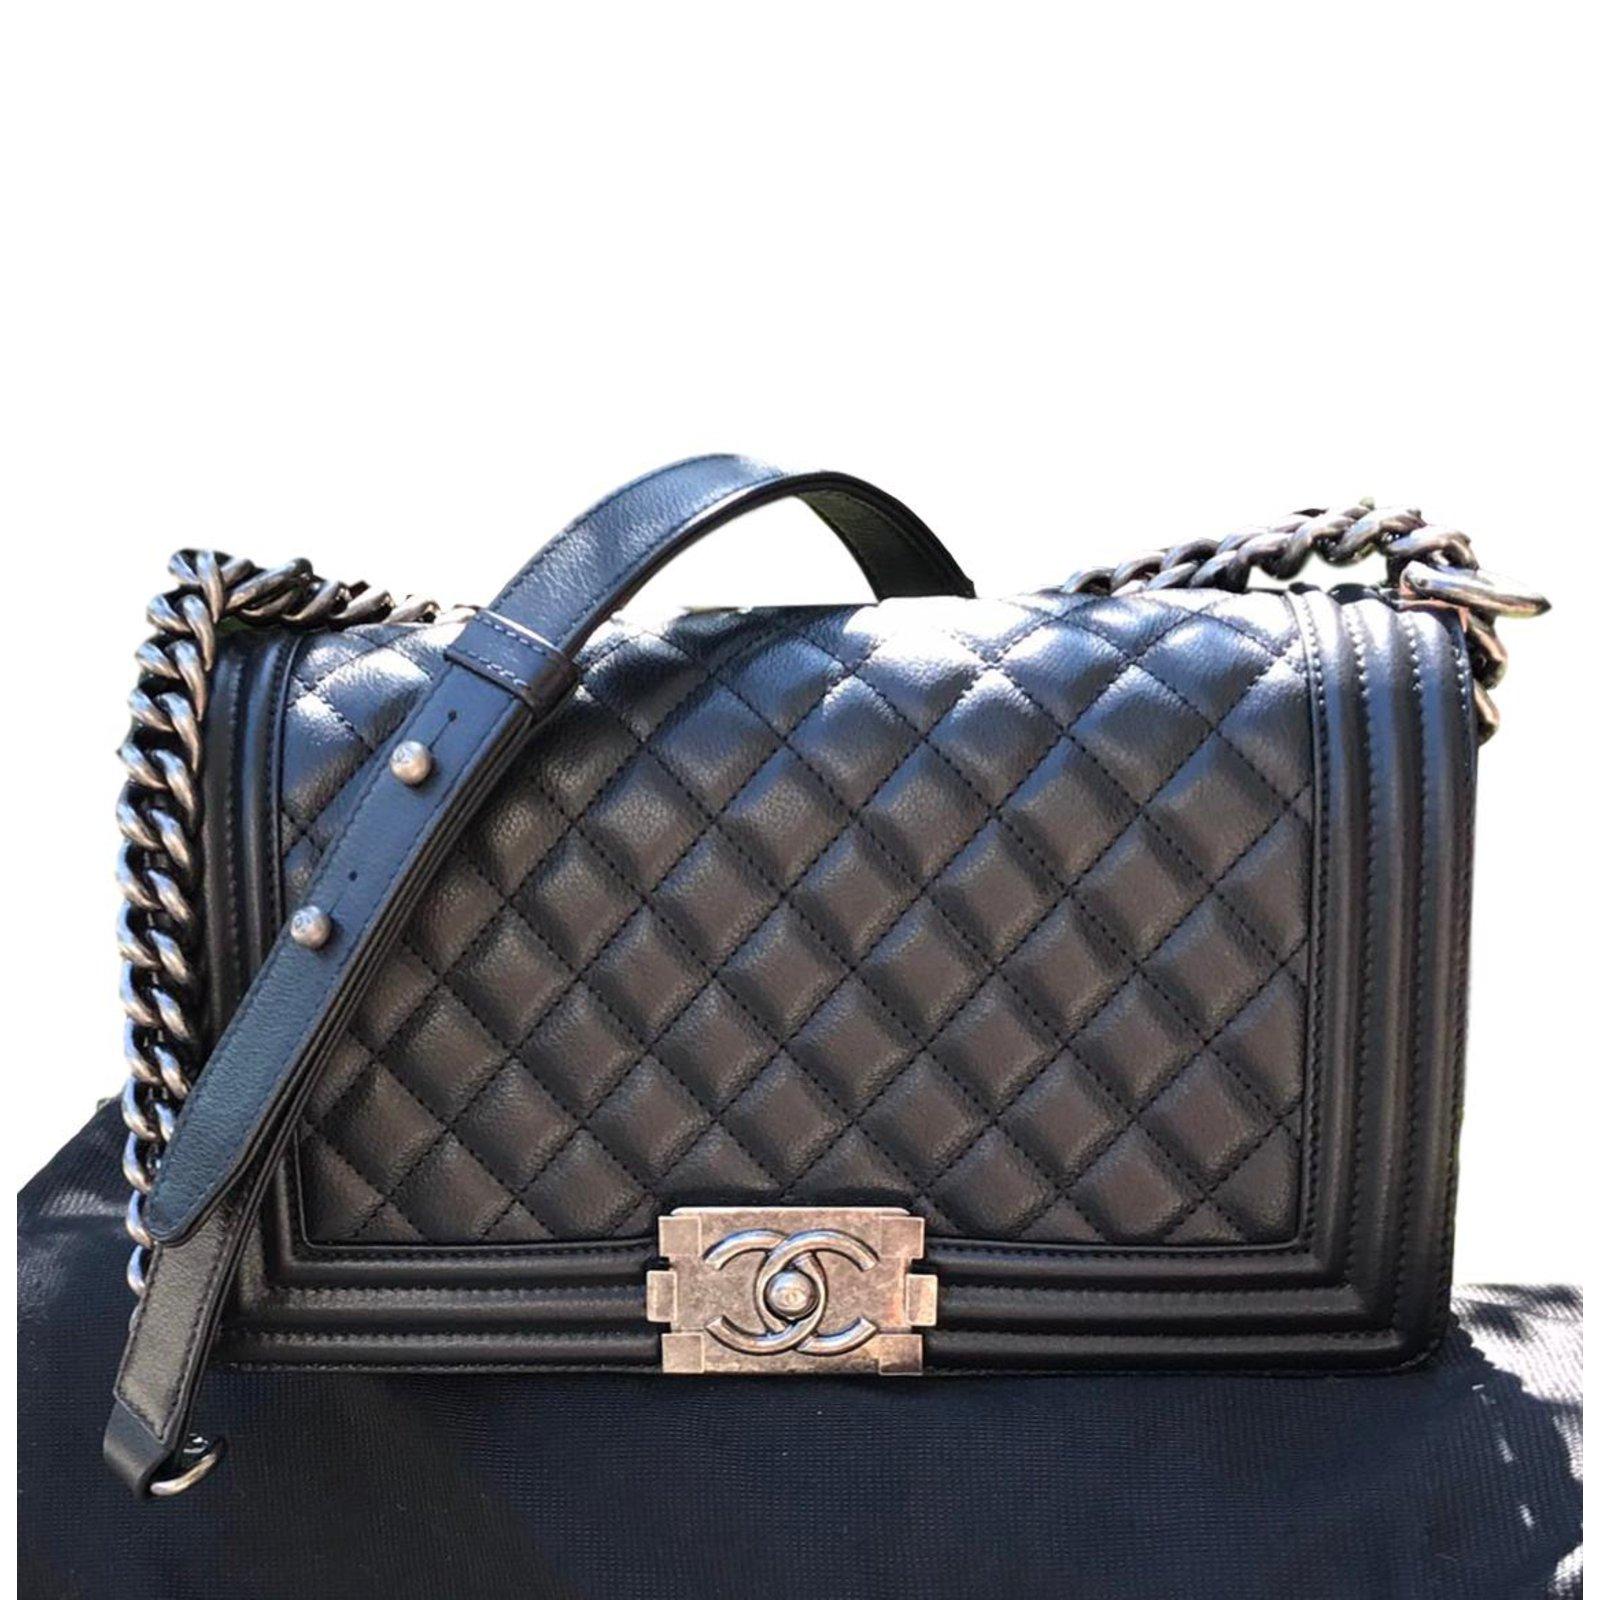 f88473cc4fda Chanel boy black old mediunm size Handbags Leather Black ref.88091 ...